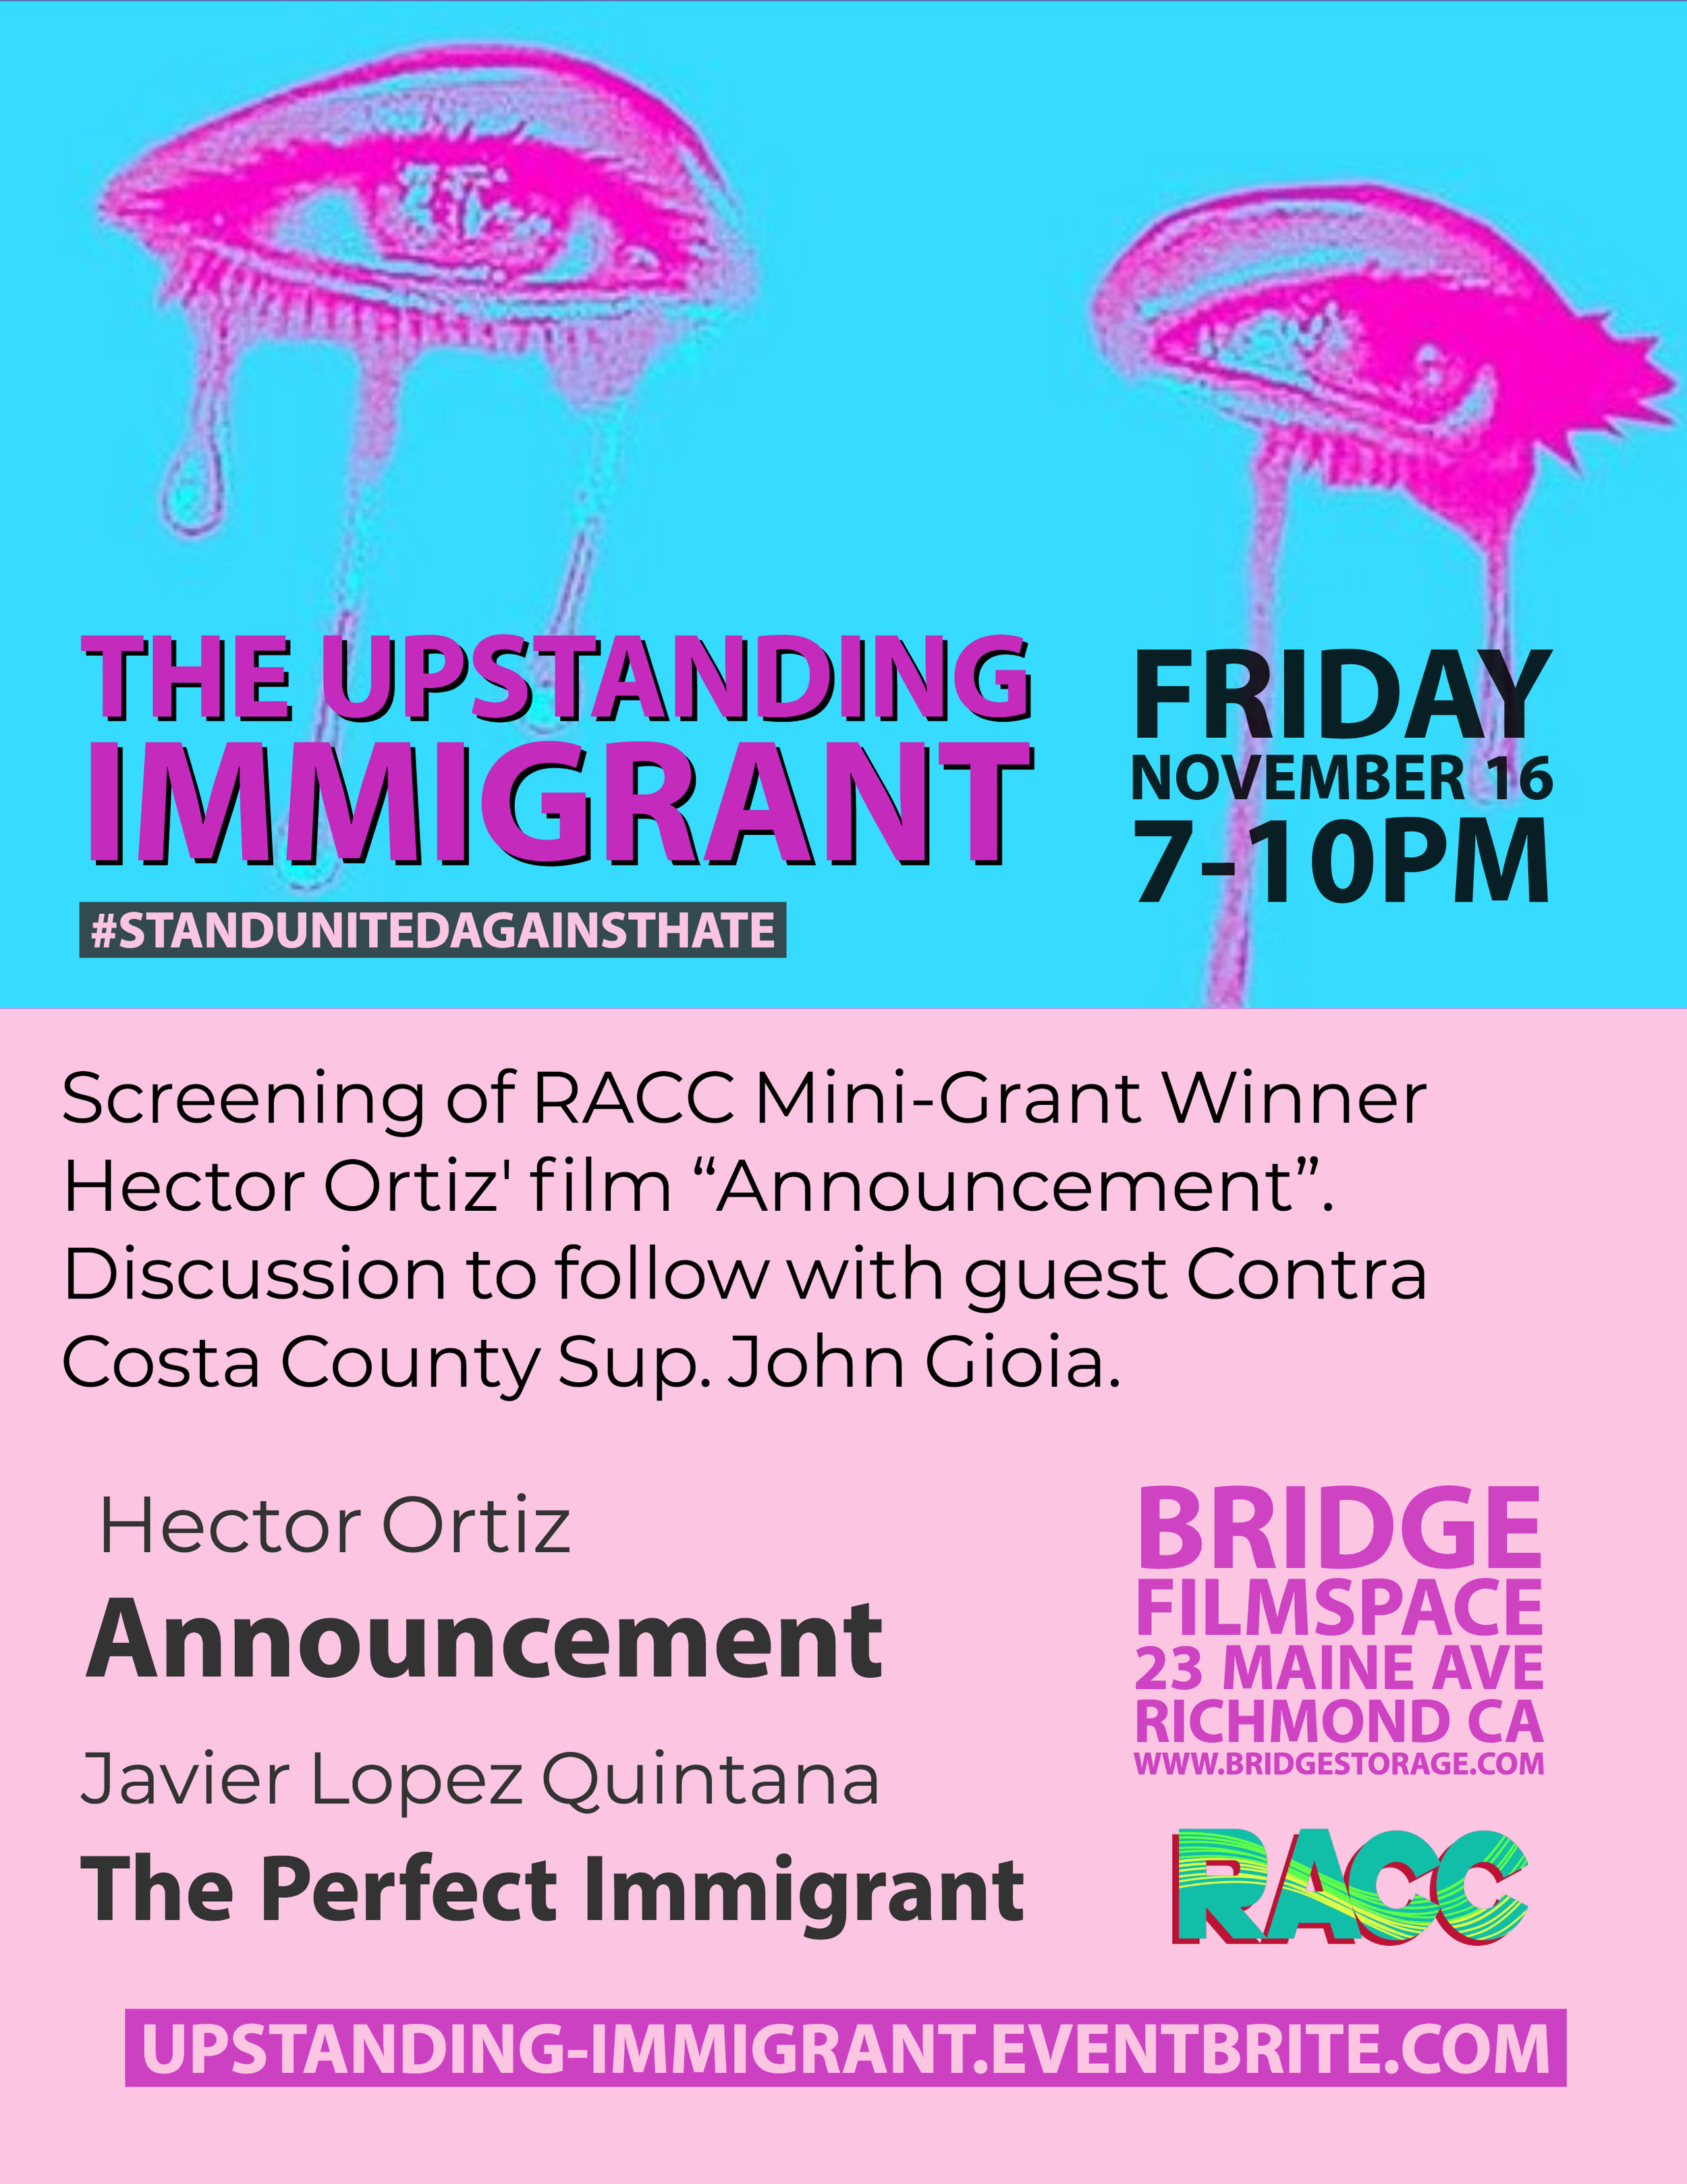 Upstanding-Immigrant-Screening-Disc-Bridge-16Nov-flyer.jpg